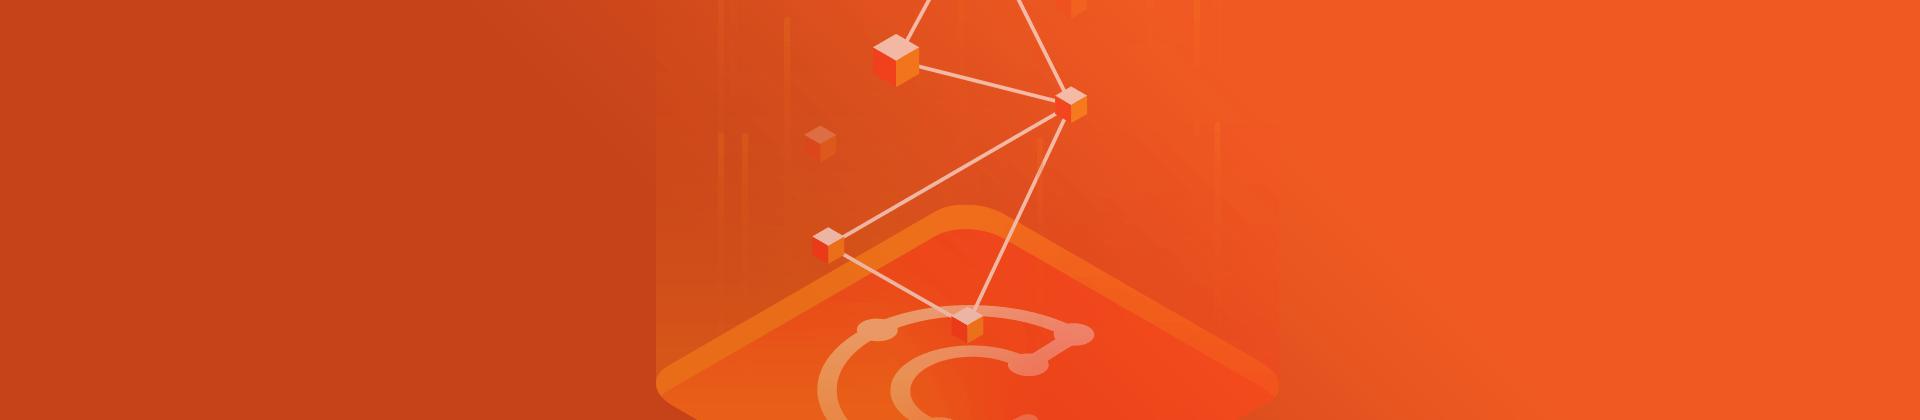 oanderconnect